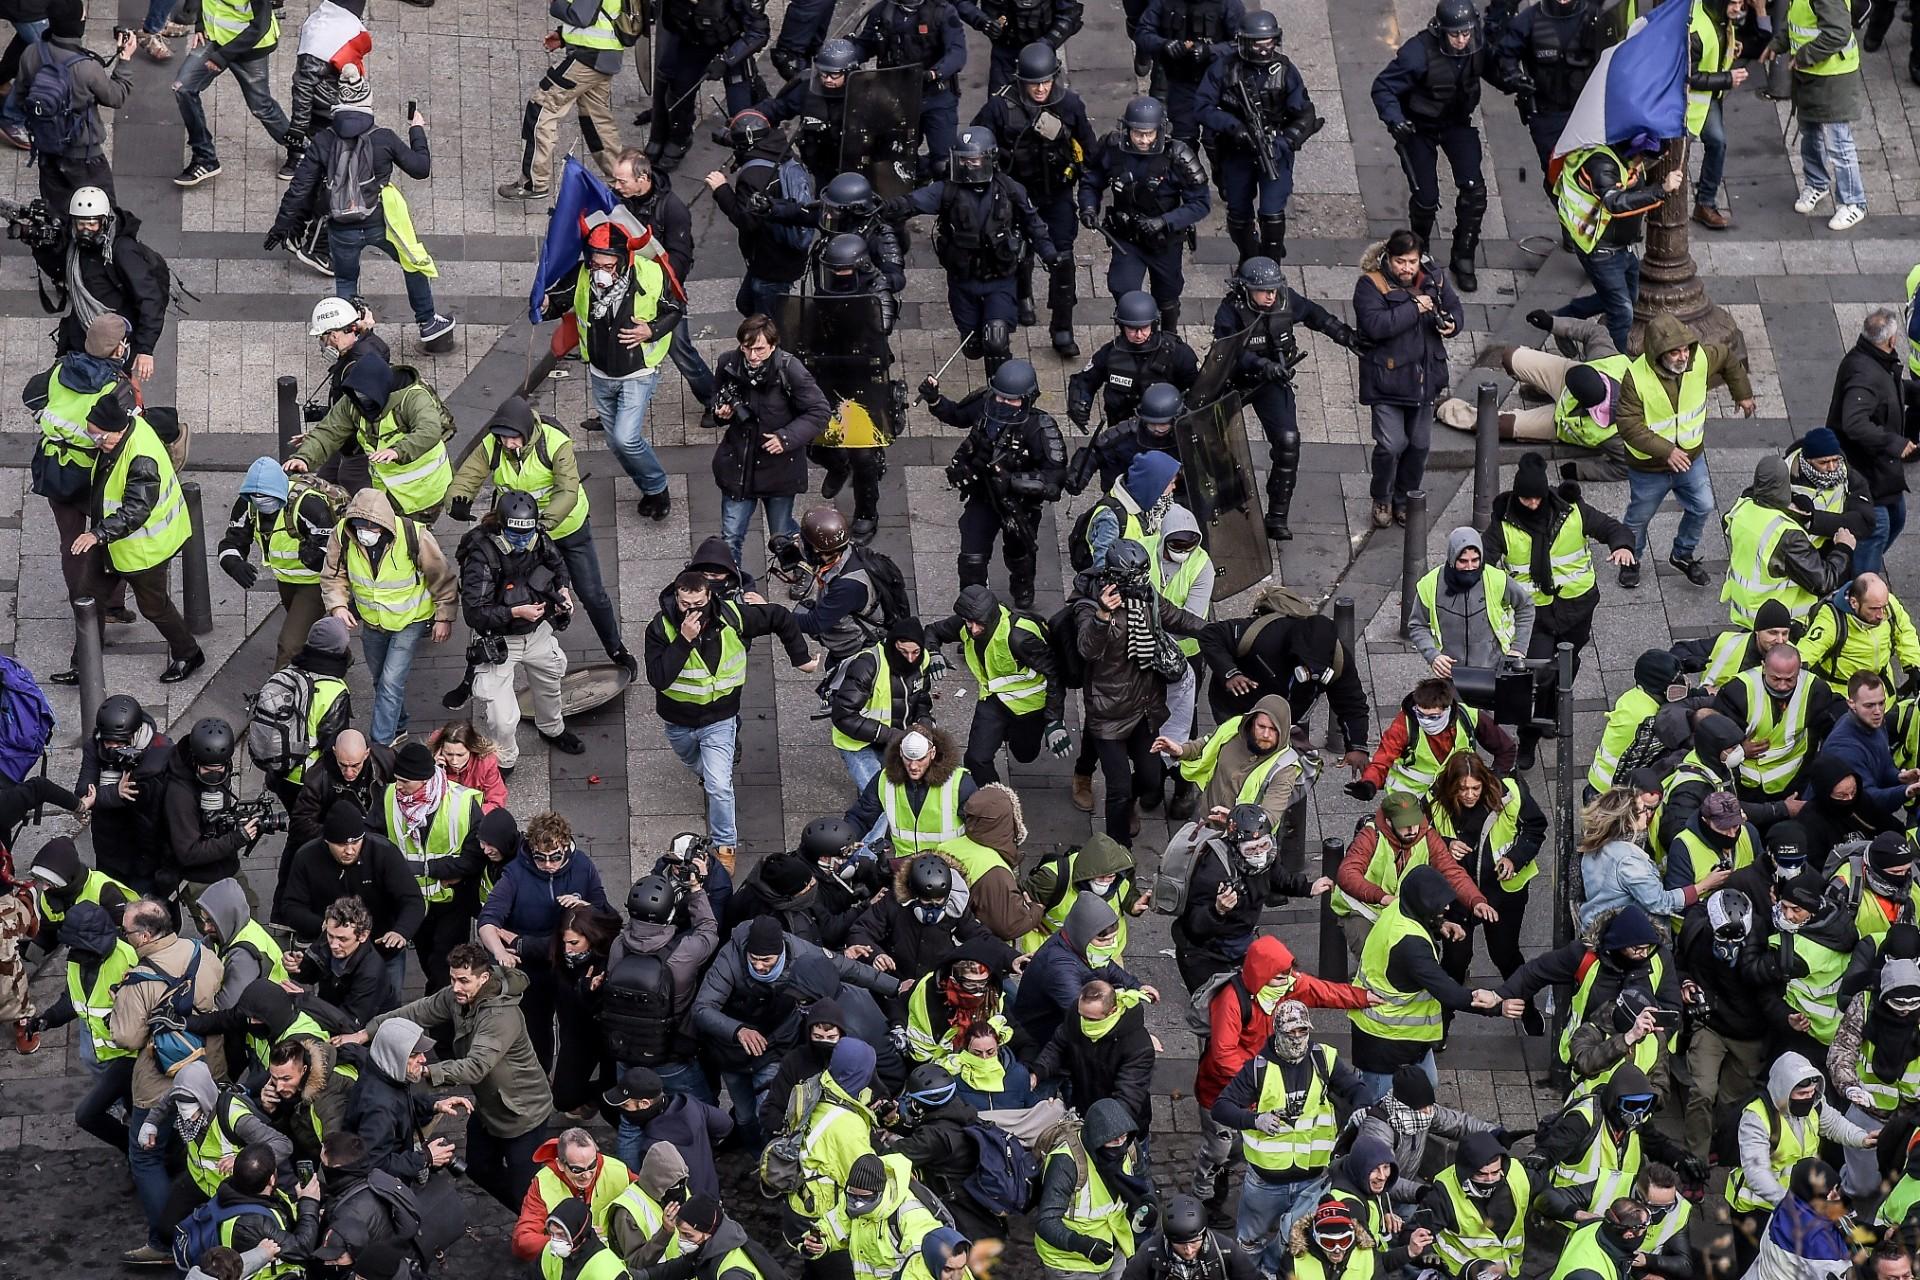 Affrontements entre Gilets jaunes et forces de l'ordre près des Champs-Elysées, Paris 8 décembre 2018. © Lucas Barioulet/AFP